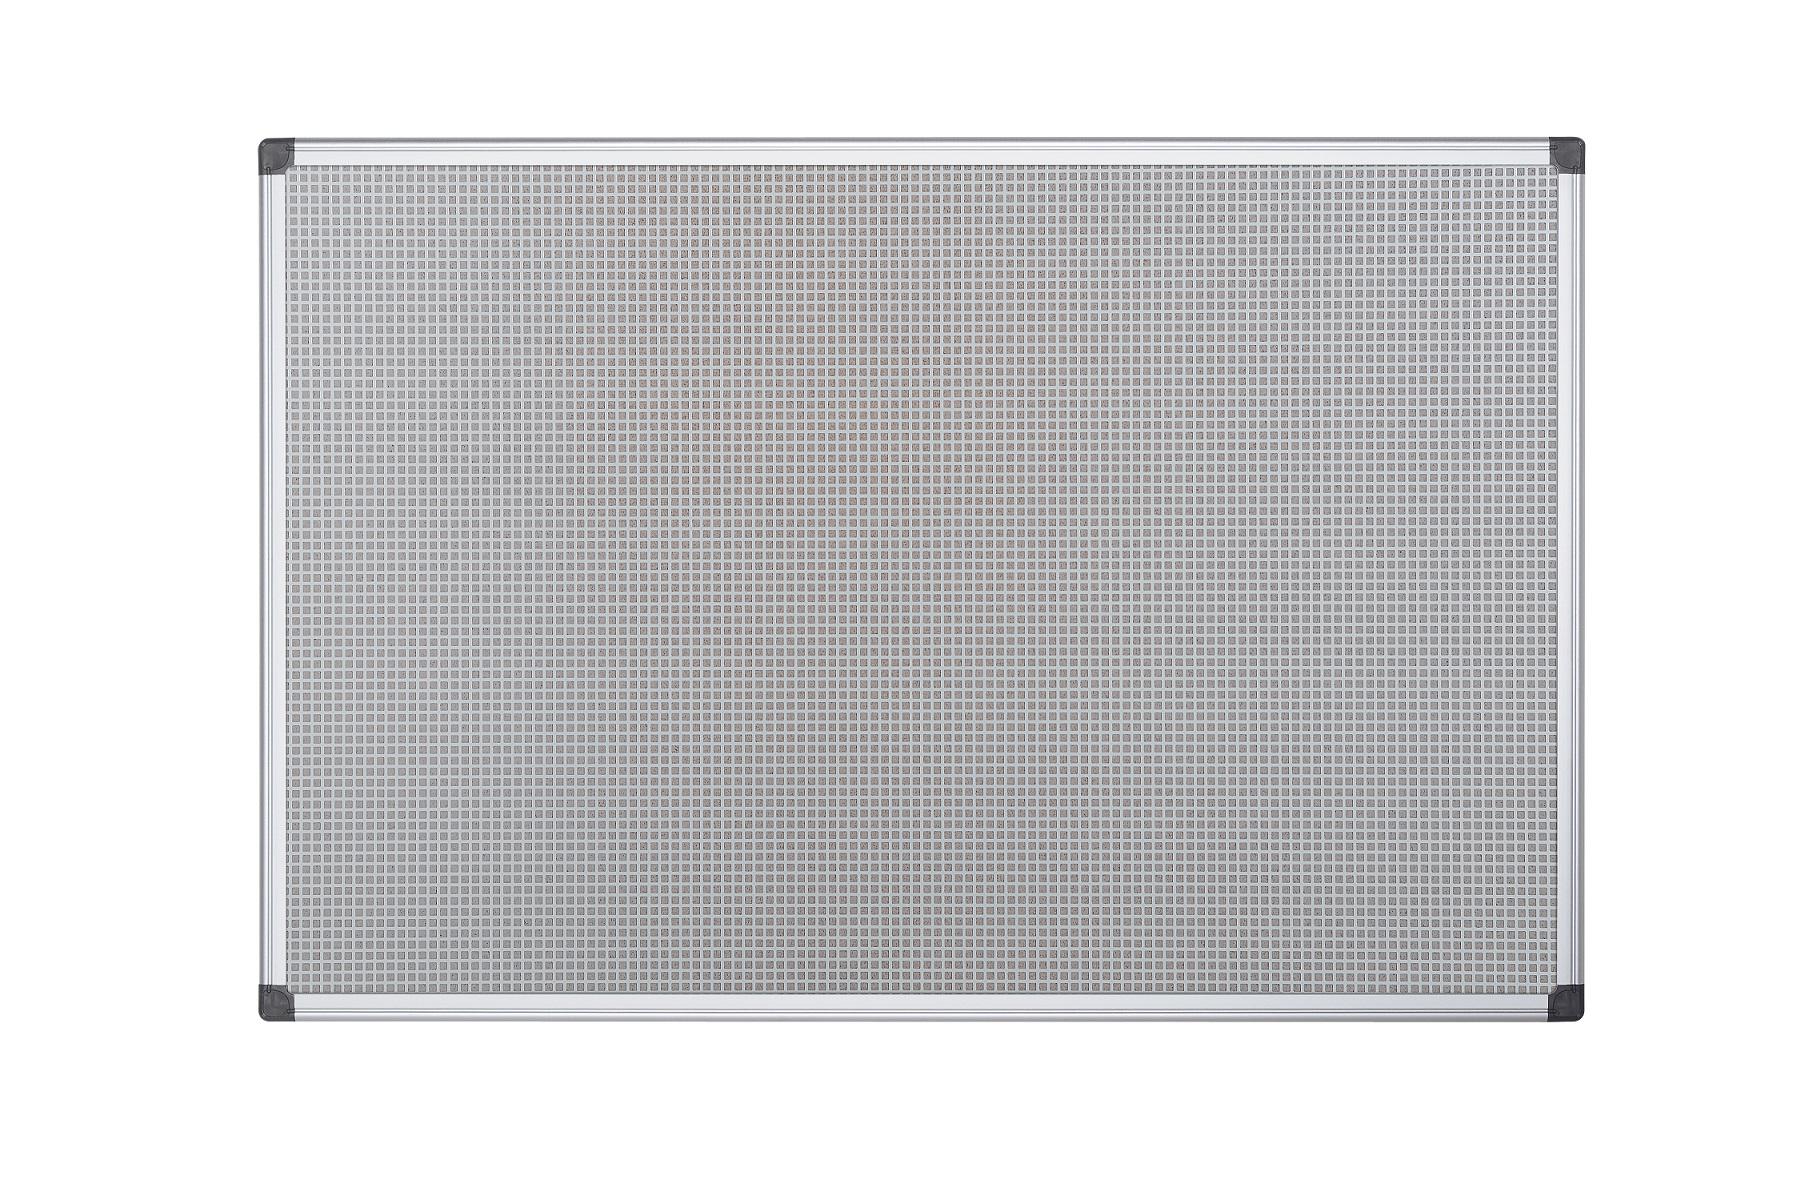 Tablero de corcho magnetico 60x90cm gris marco aluminio - Molduras de corcho ...